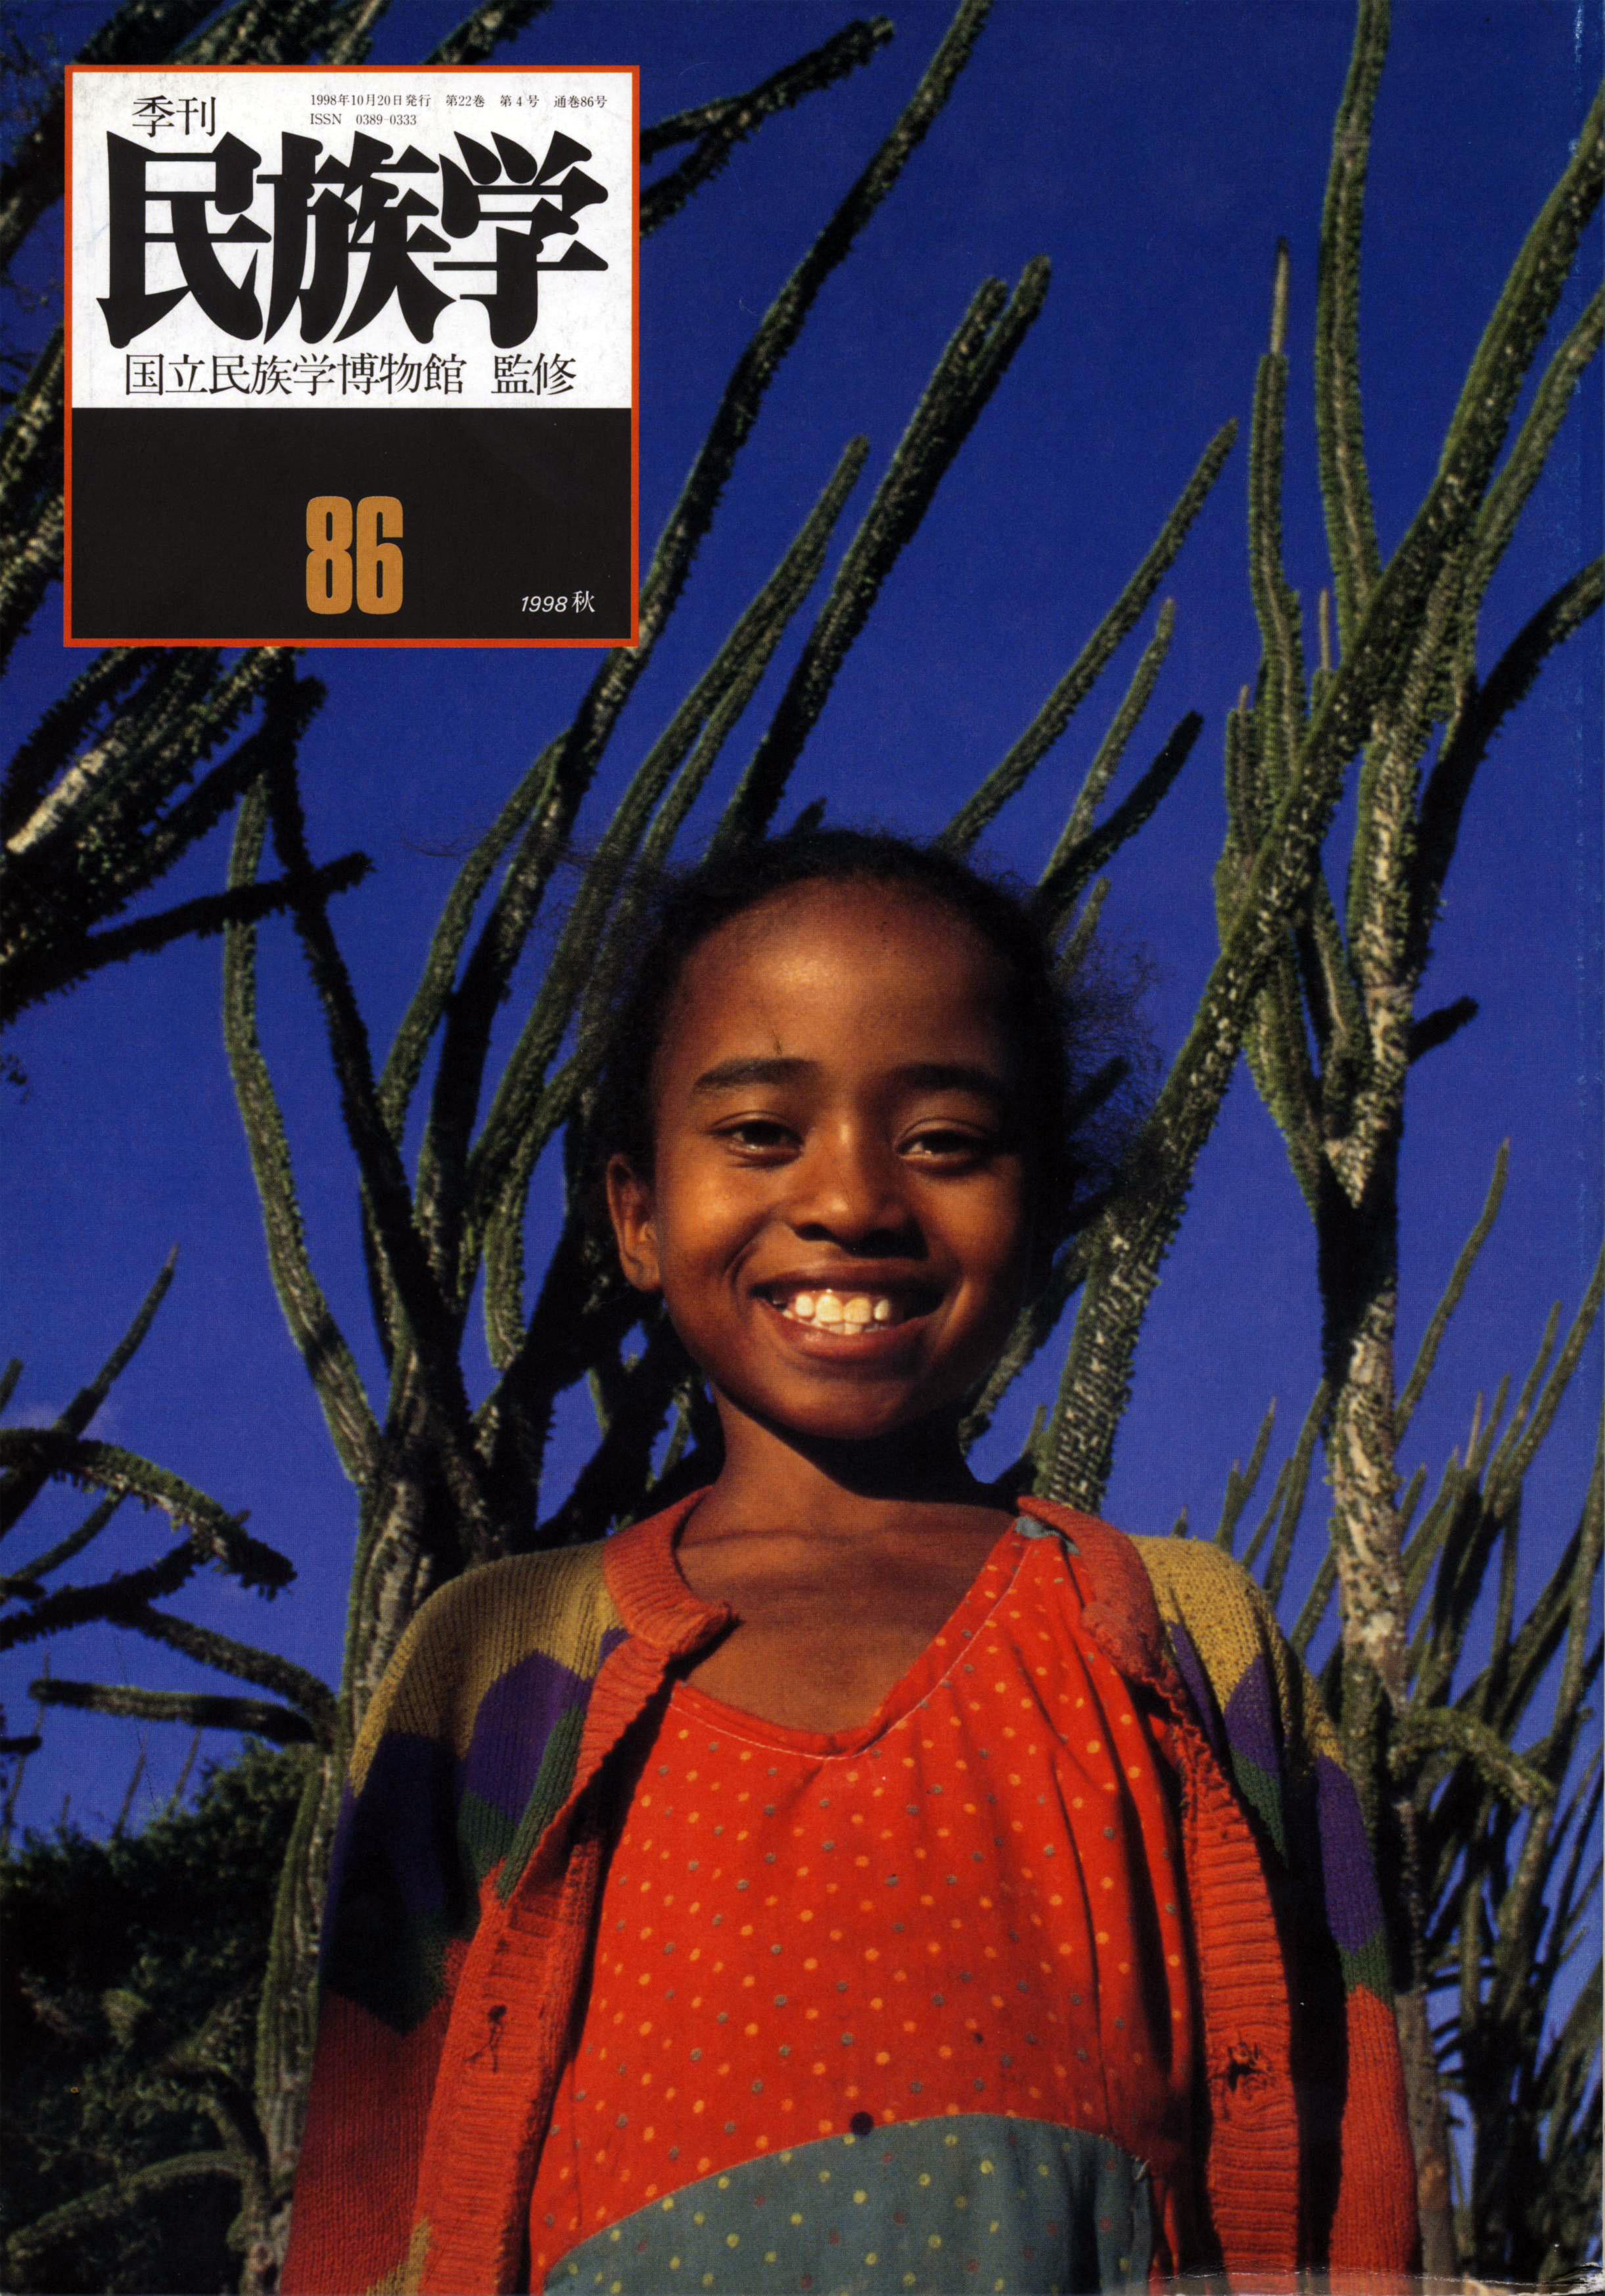 86号 1998年 秋